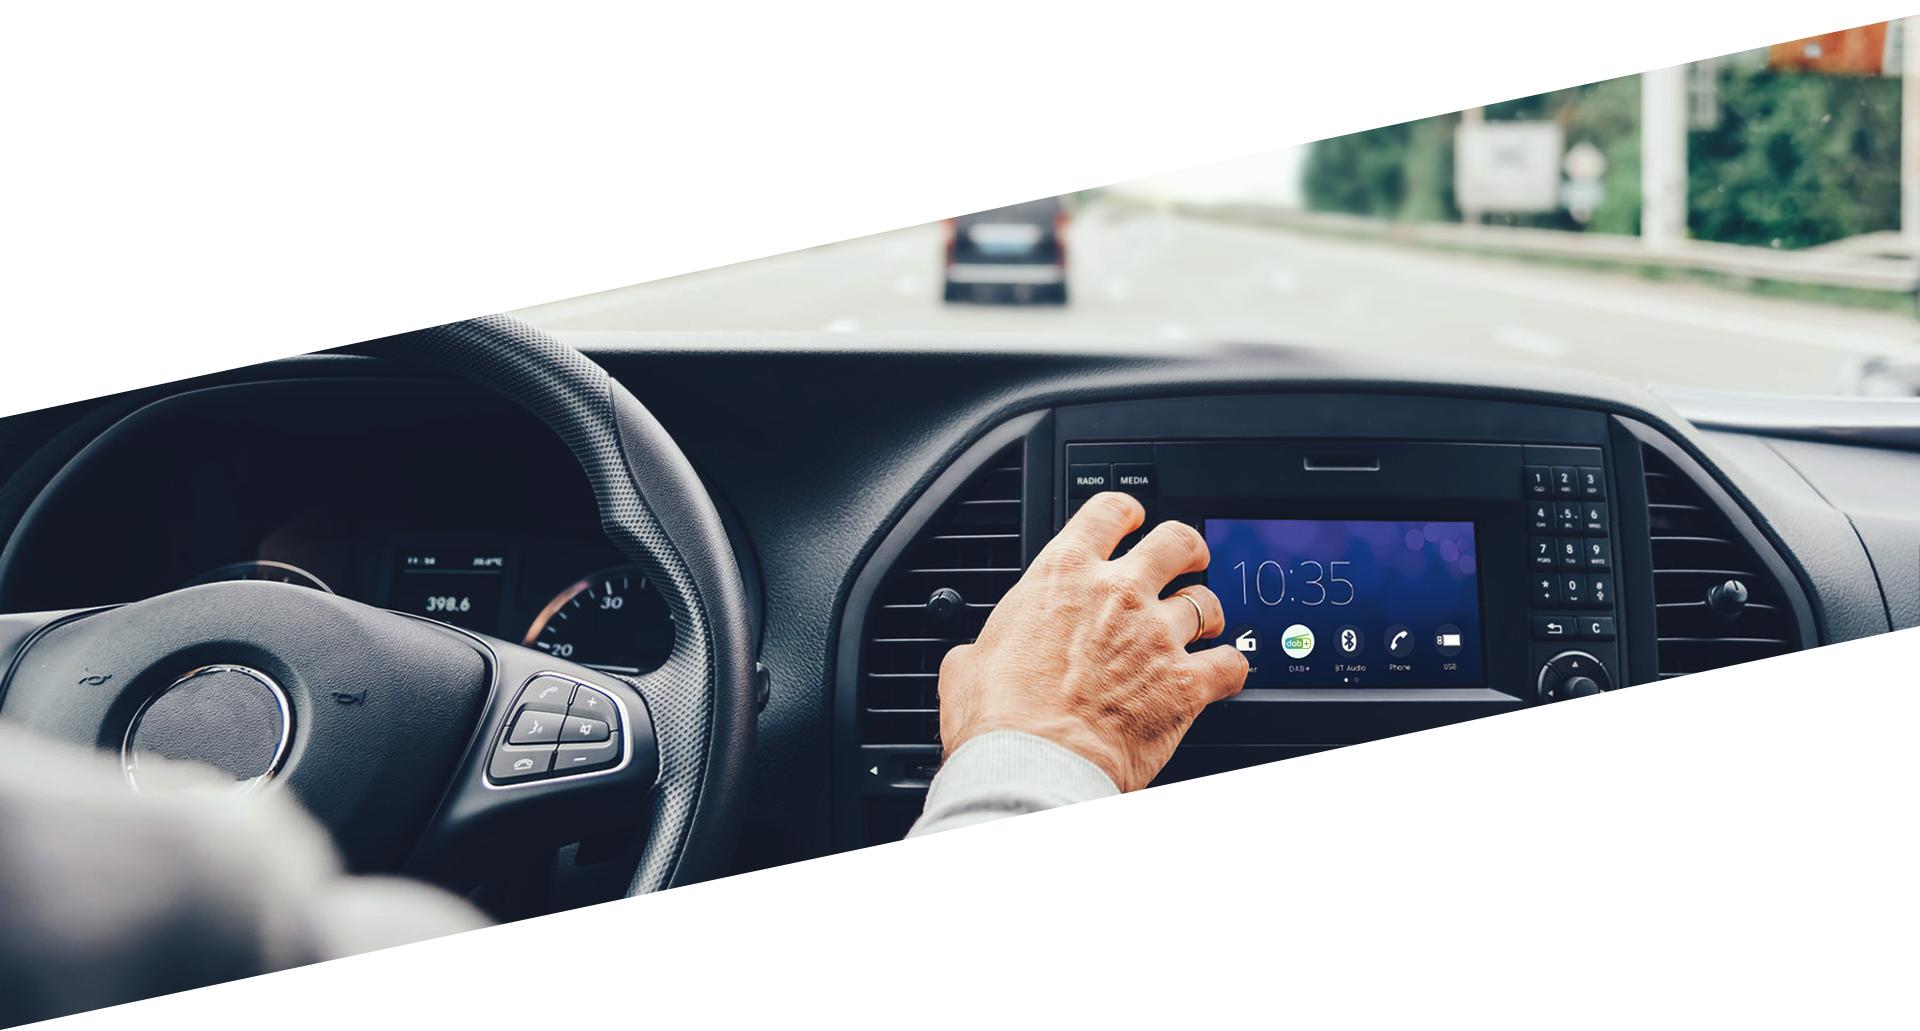 Ecouter le DAB+ en voiture grâce à un autoradio compatible DAB+